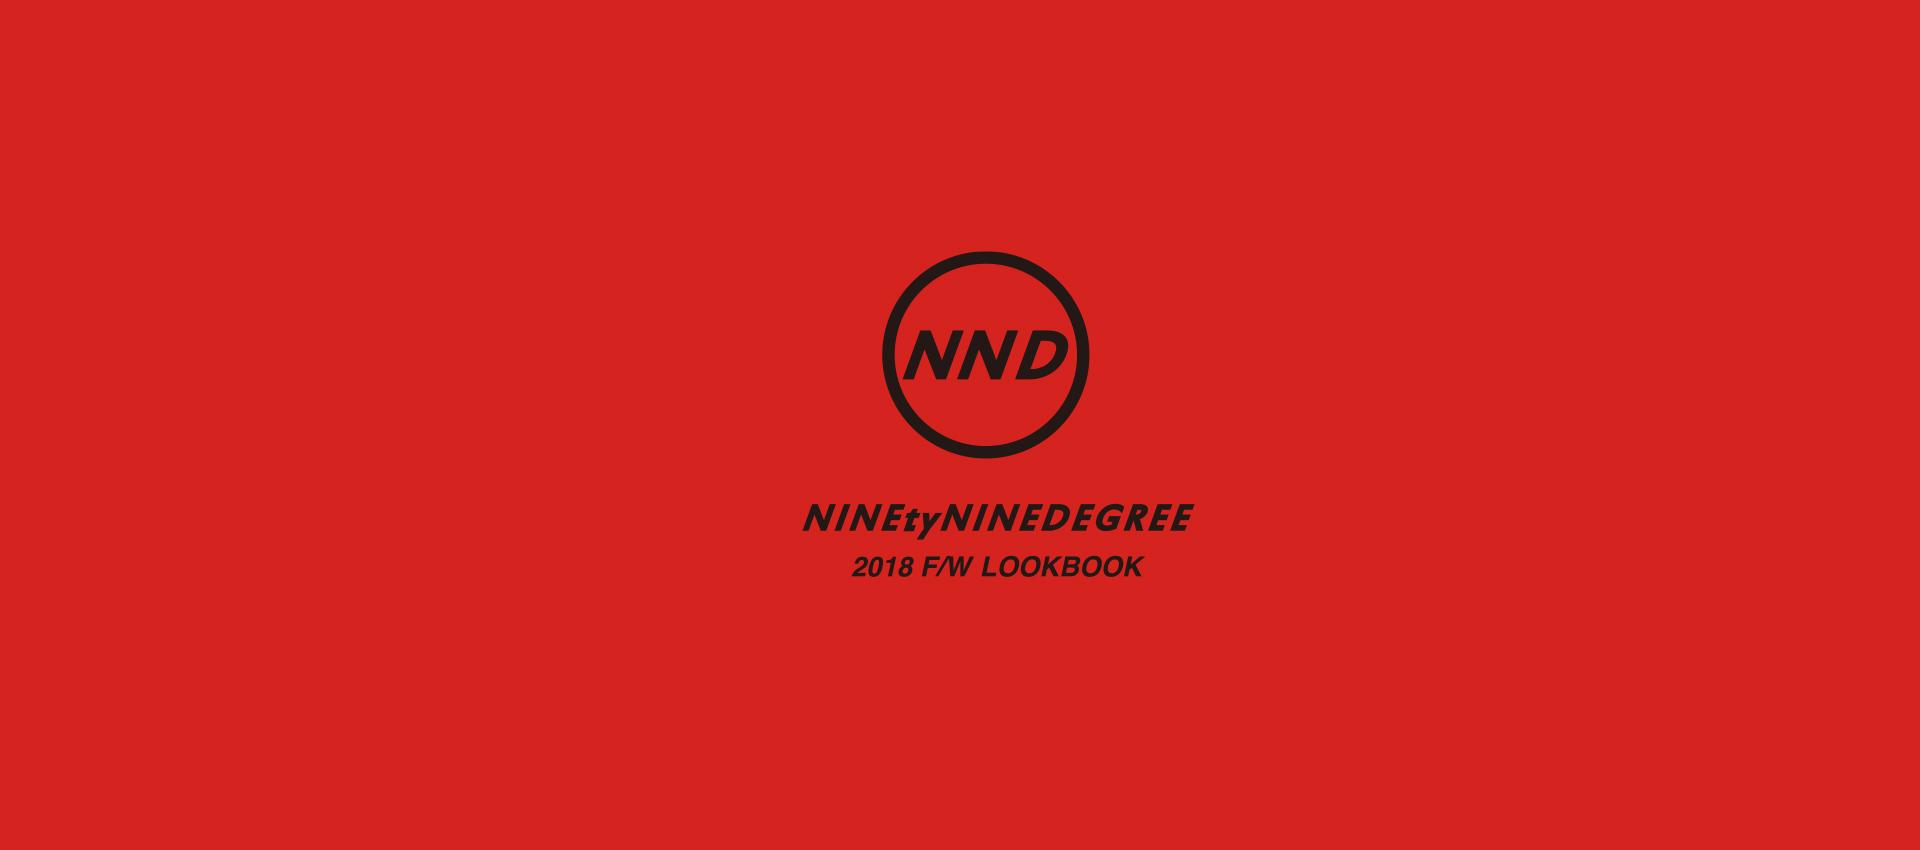 NND_LOOKBOOK